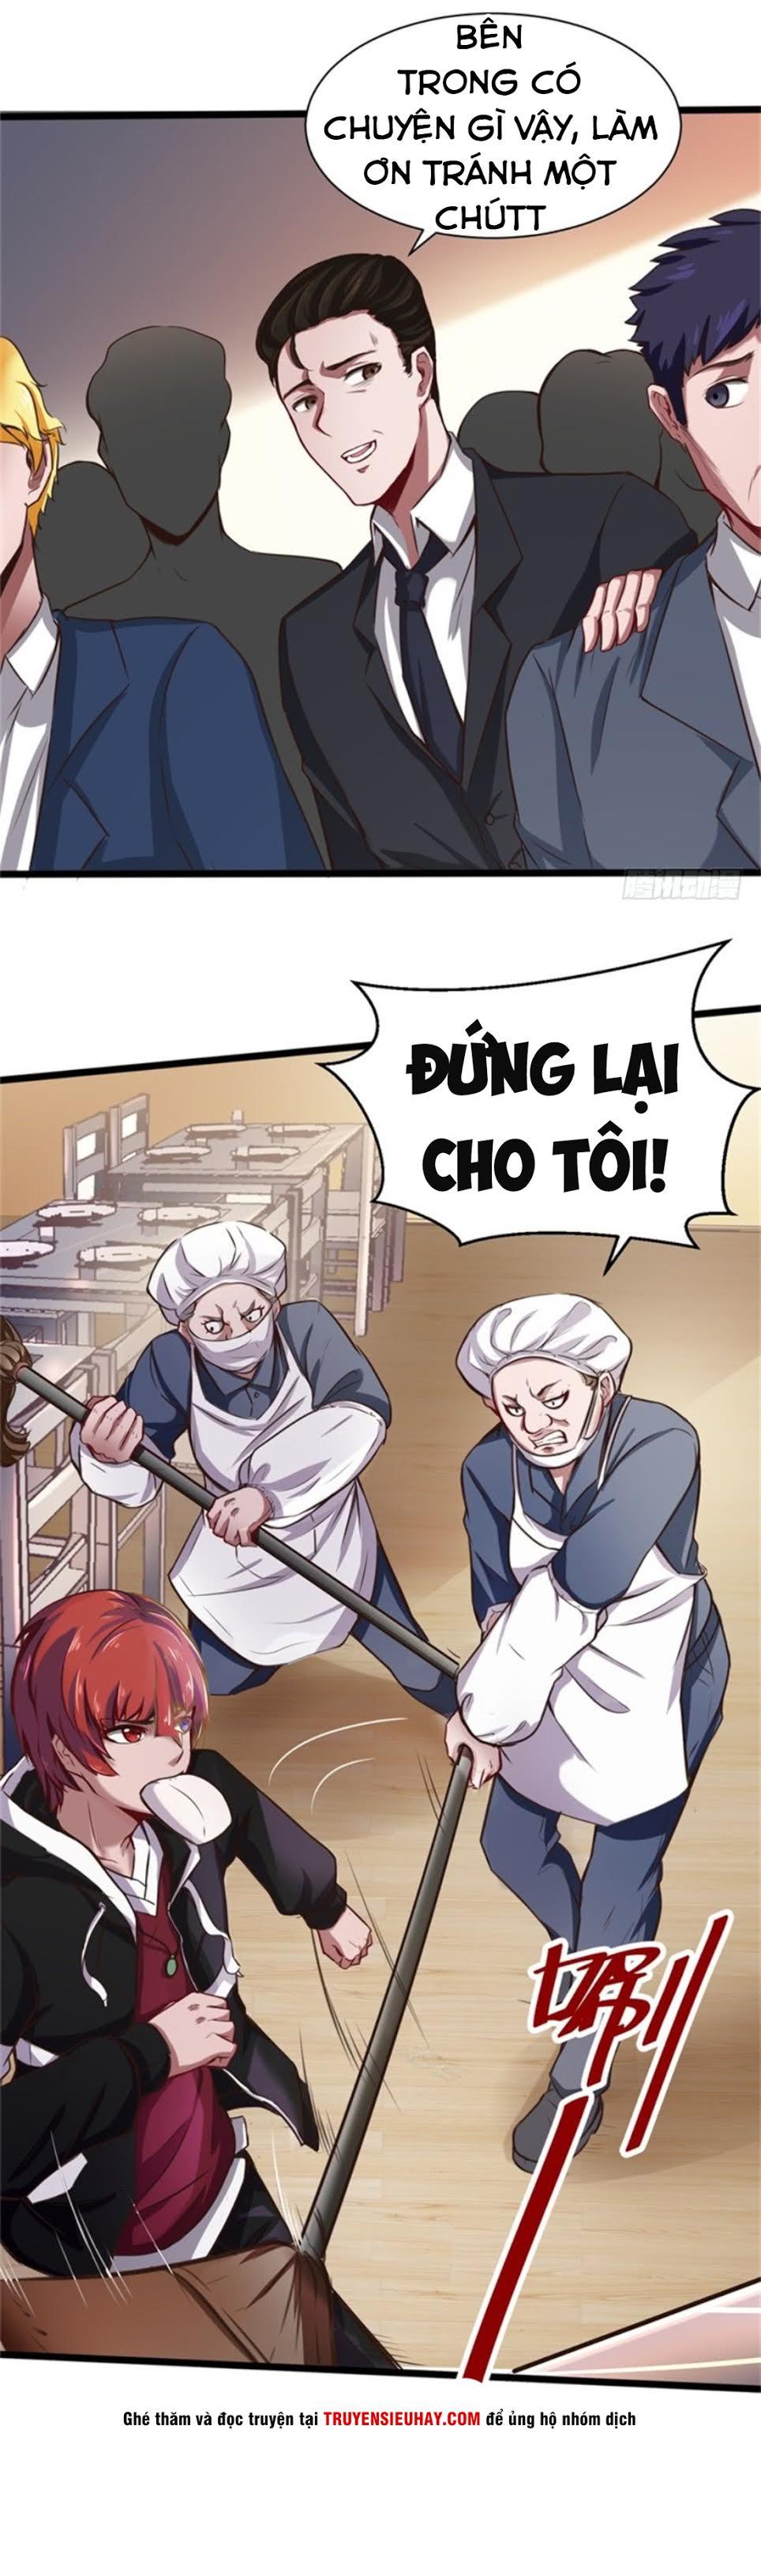 Đô Thị Âm Dương Tiên Y chap 2 - Trang 5